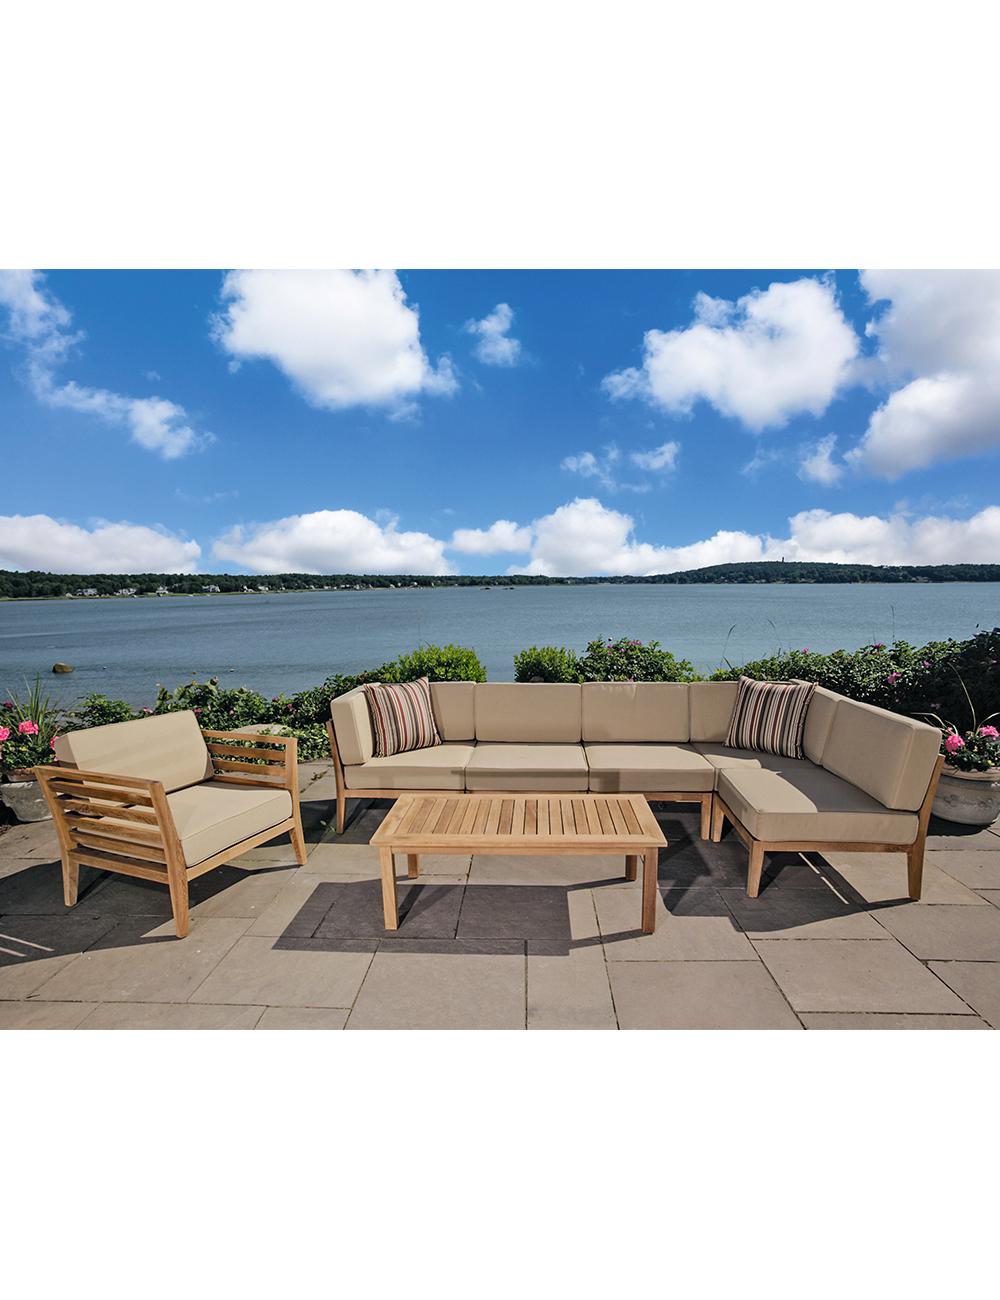 Canapé D'angle Pour Jardin «Teak Lounge» dedans Canapé D Angle De Jardin